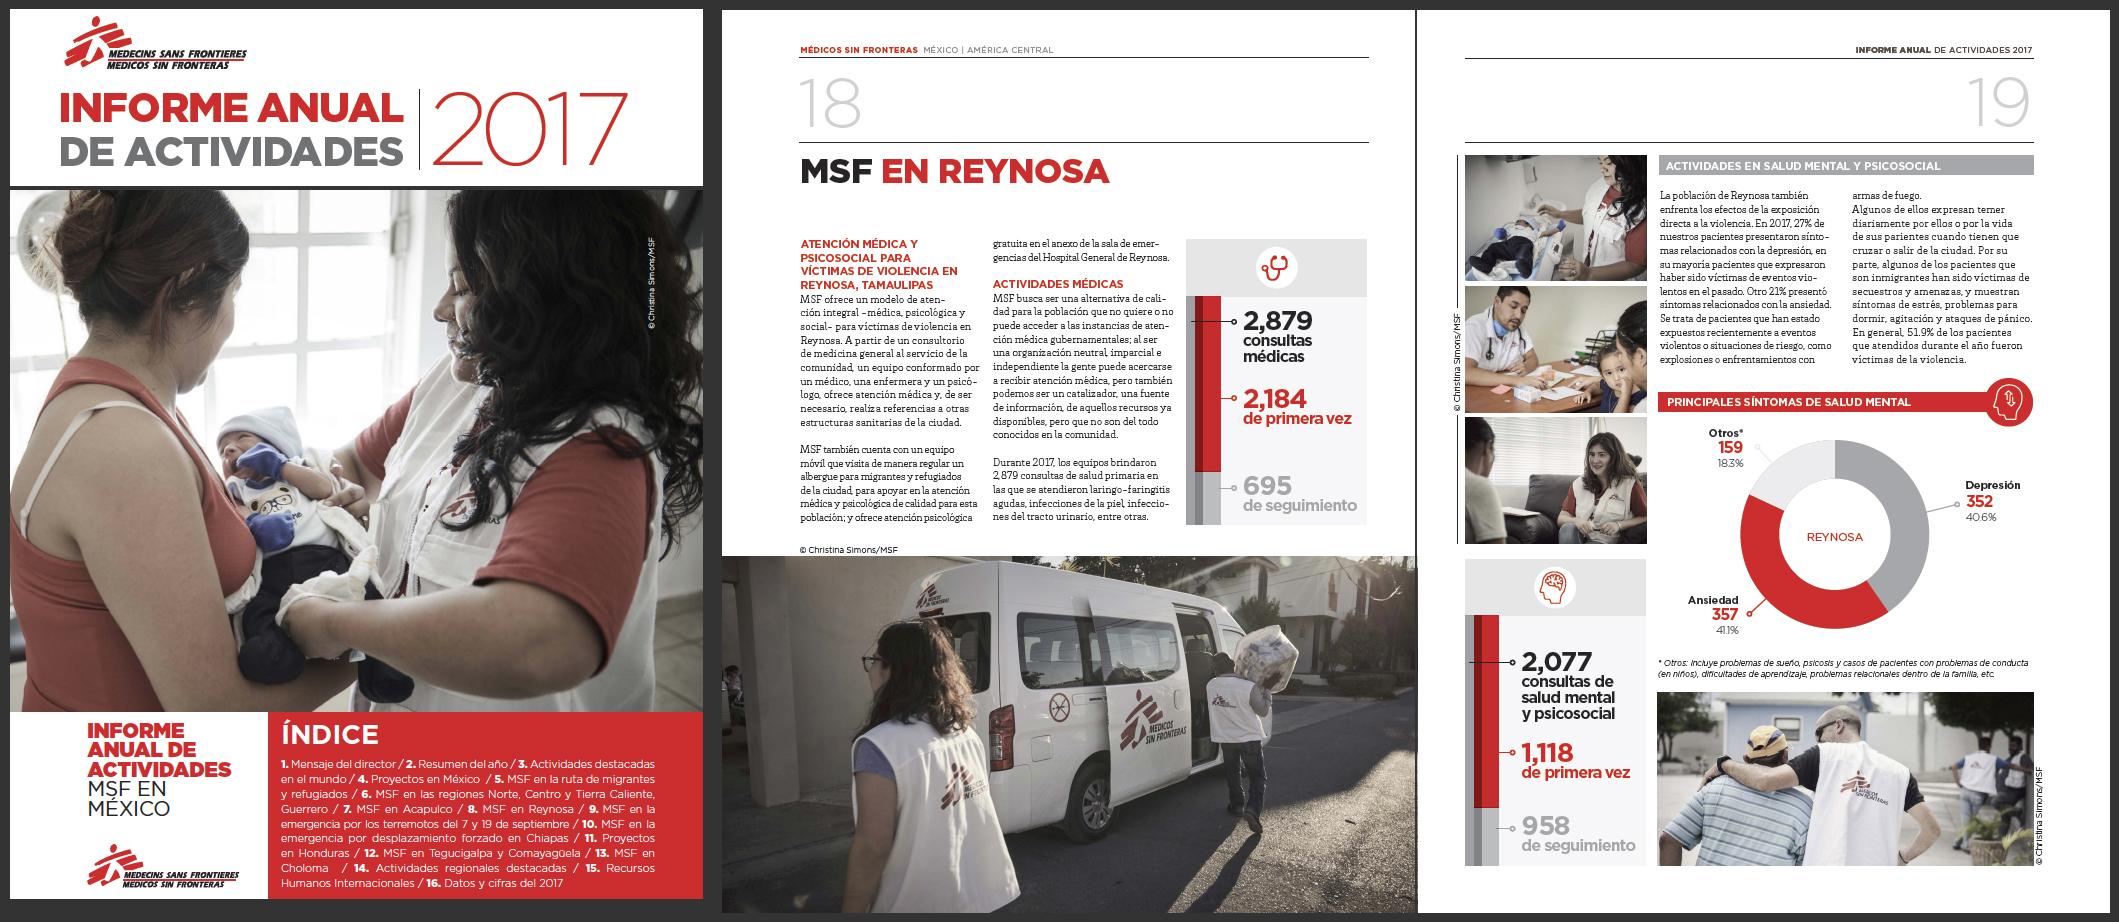 MSF (Medicos Sin Fronteras) 2017 Annual Report of Activities - P1